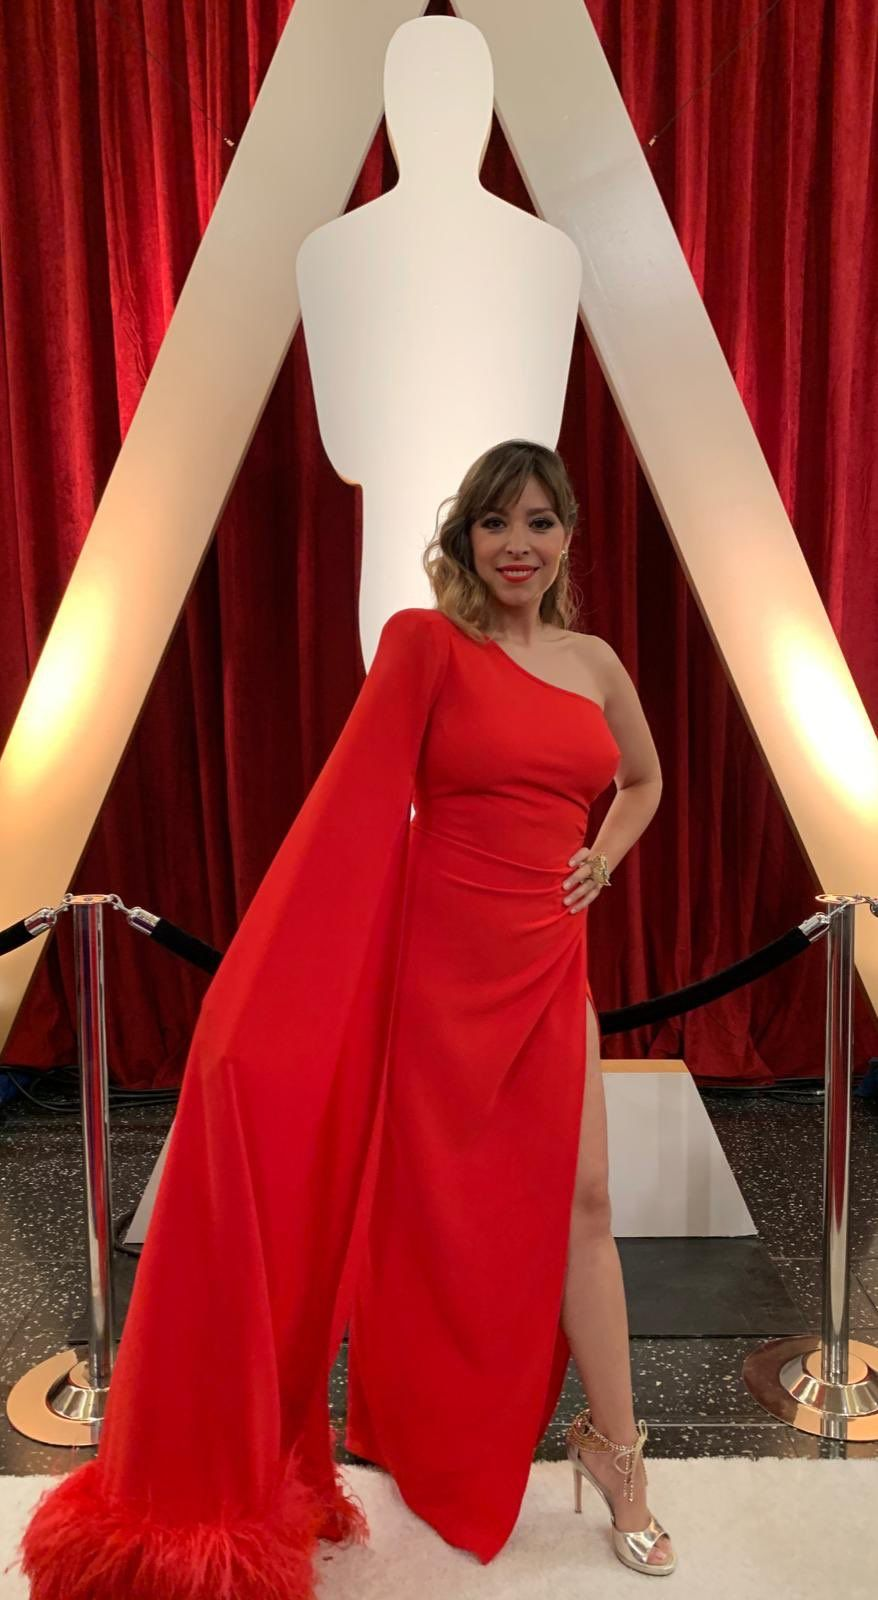 Gisela als Oscar   Twitter